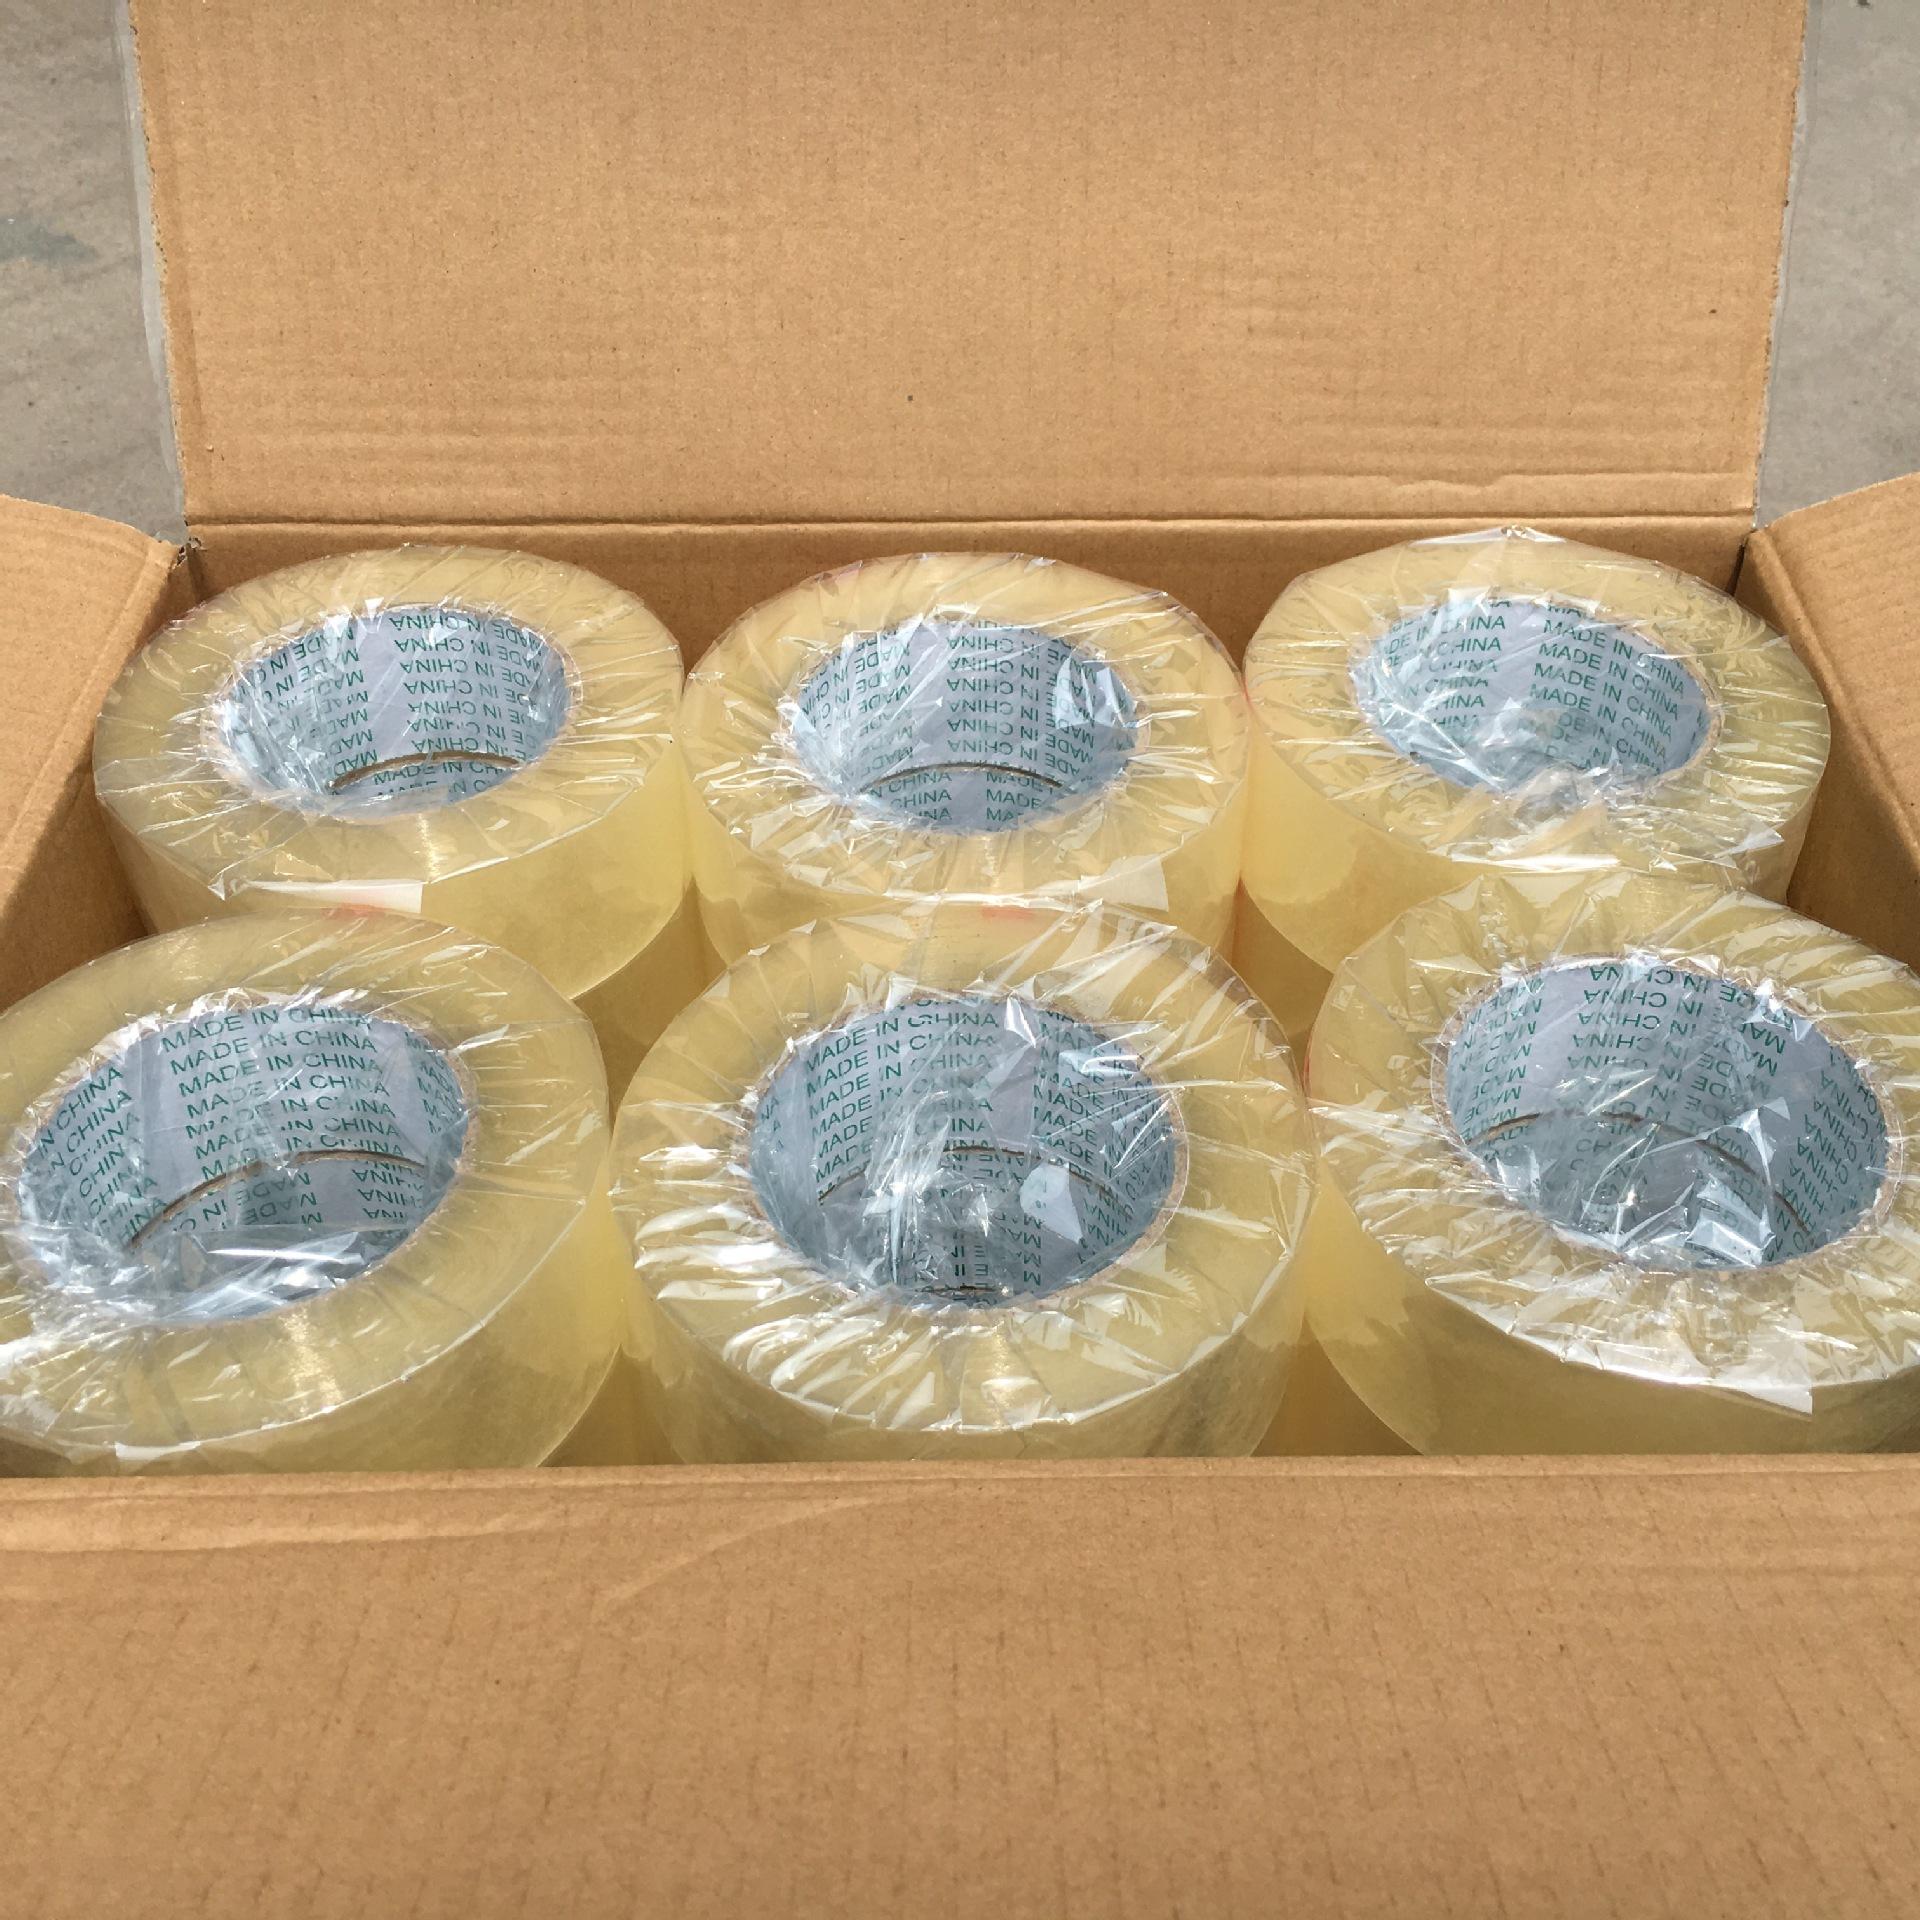 SUHENG Băng keo đóng thùng Băng keo Scotch khối lượng lớn bán buôn tùy chỉnh bao bì niêm phong băng